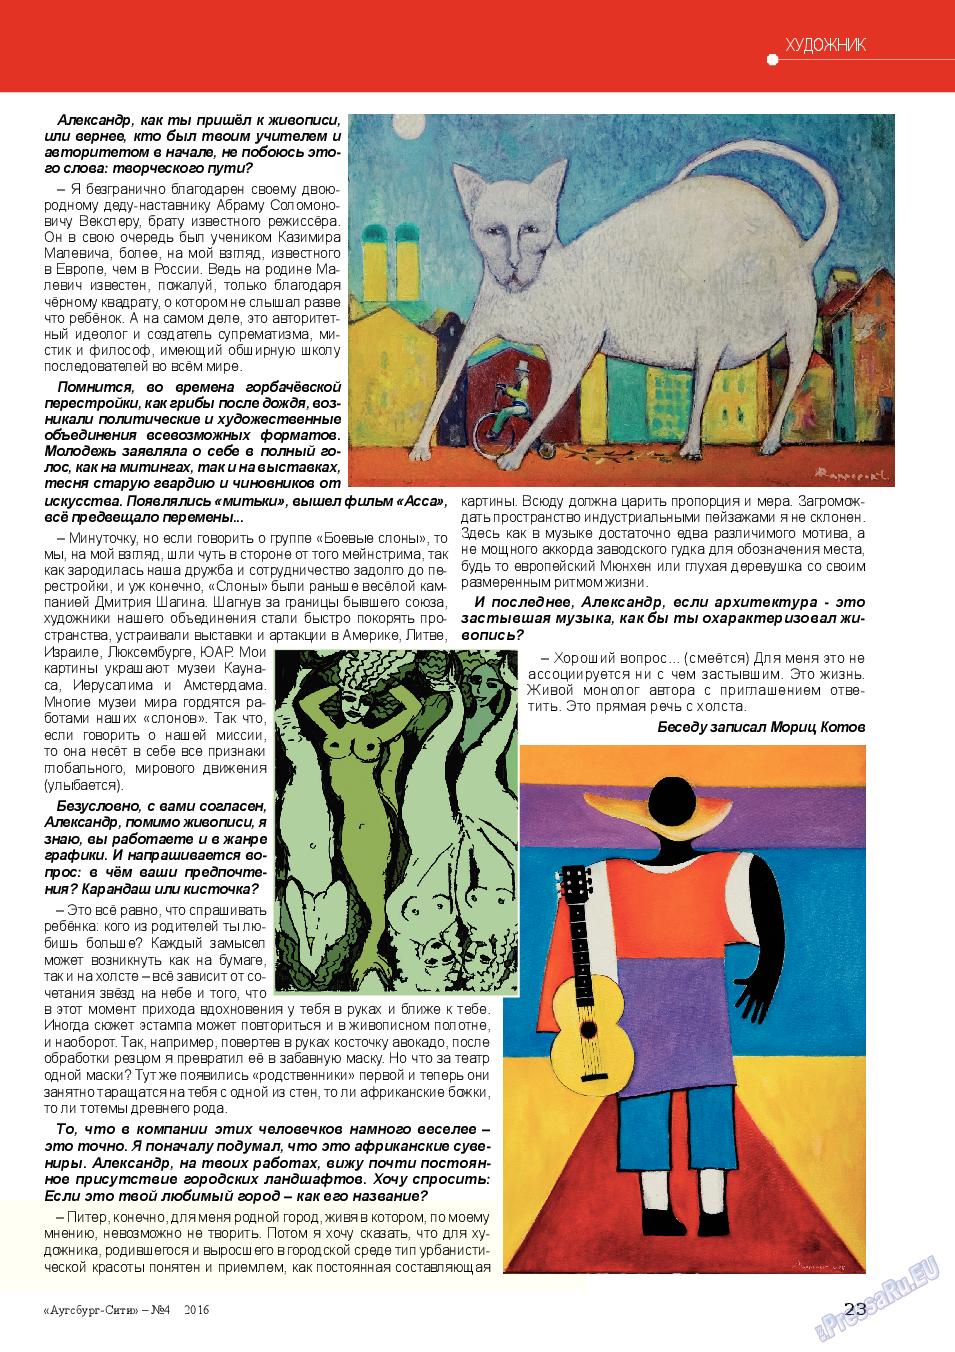 Аугсбург-сити (журнал). 2016 год, номер 4, стр. 23